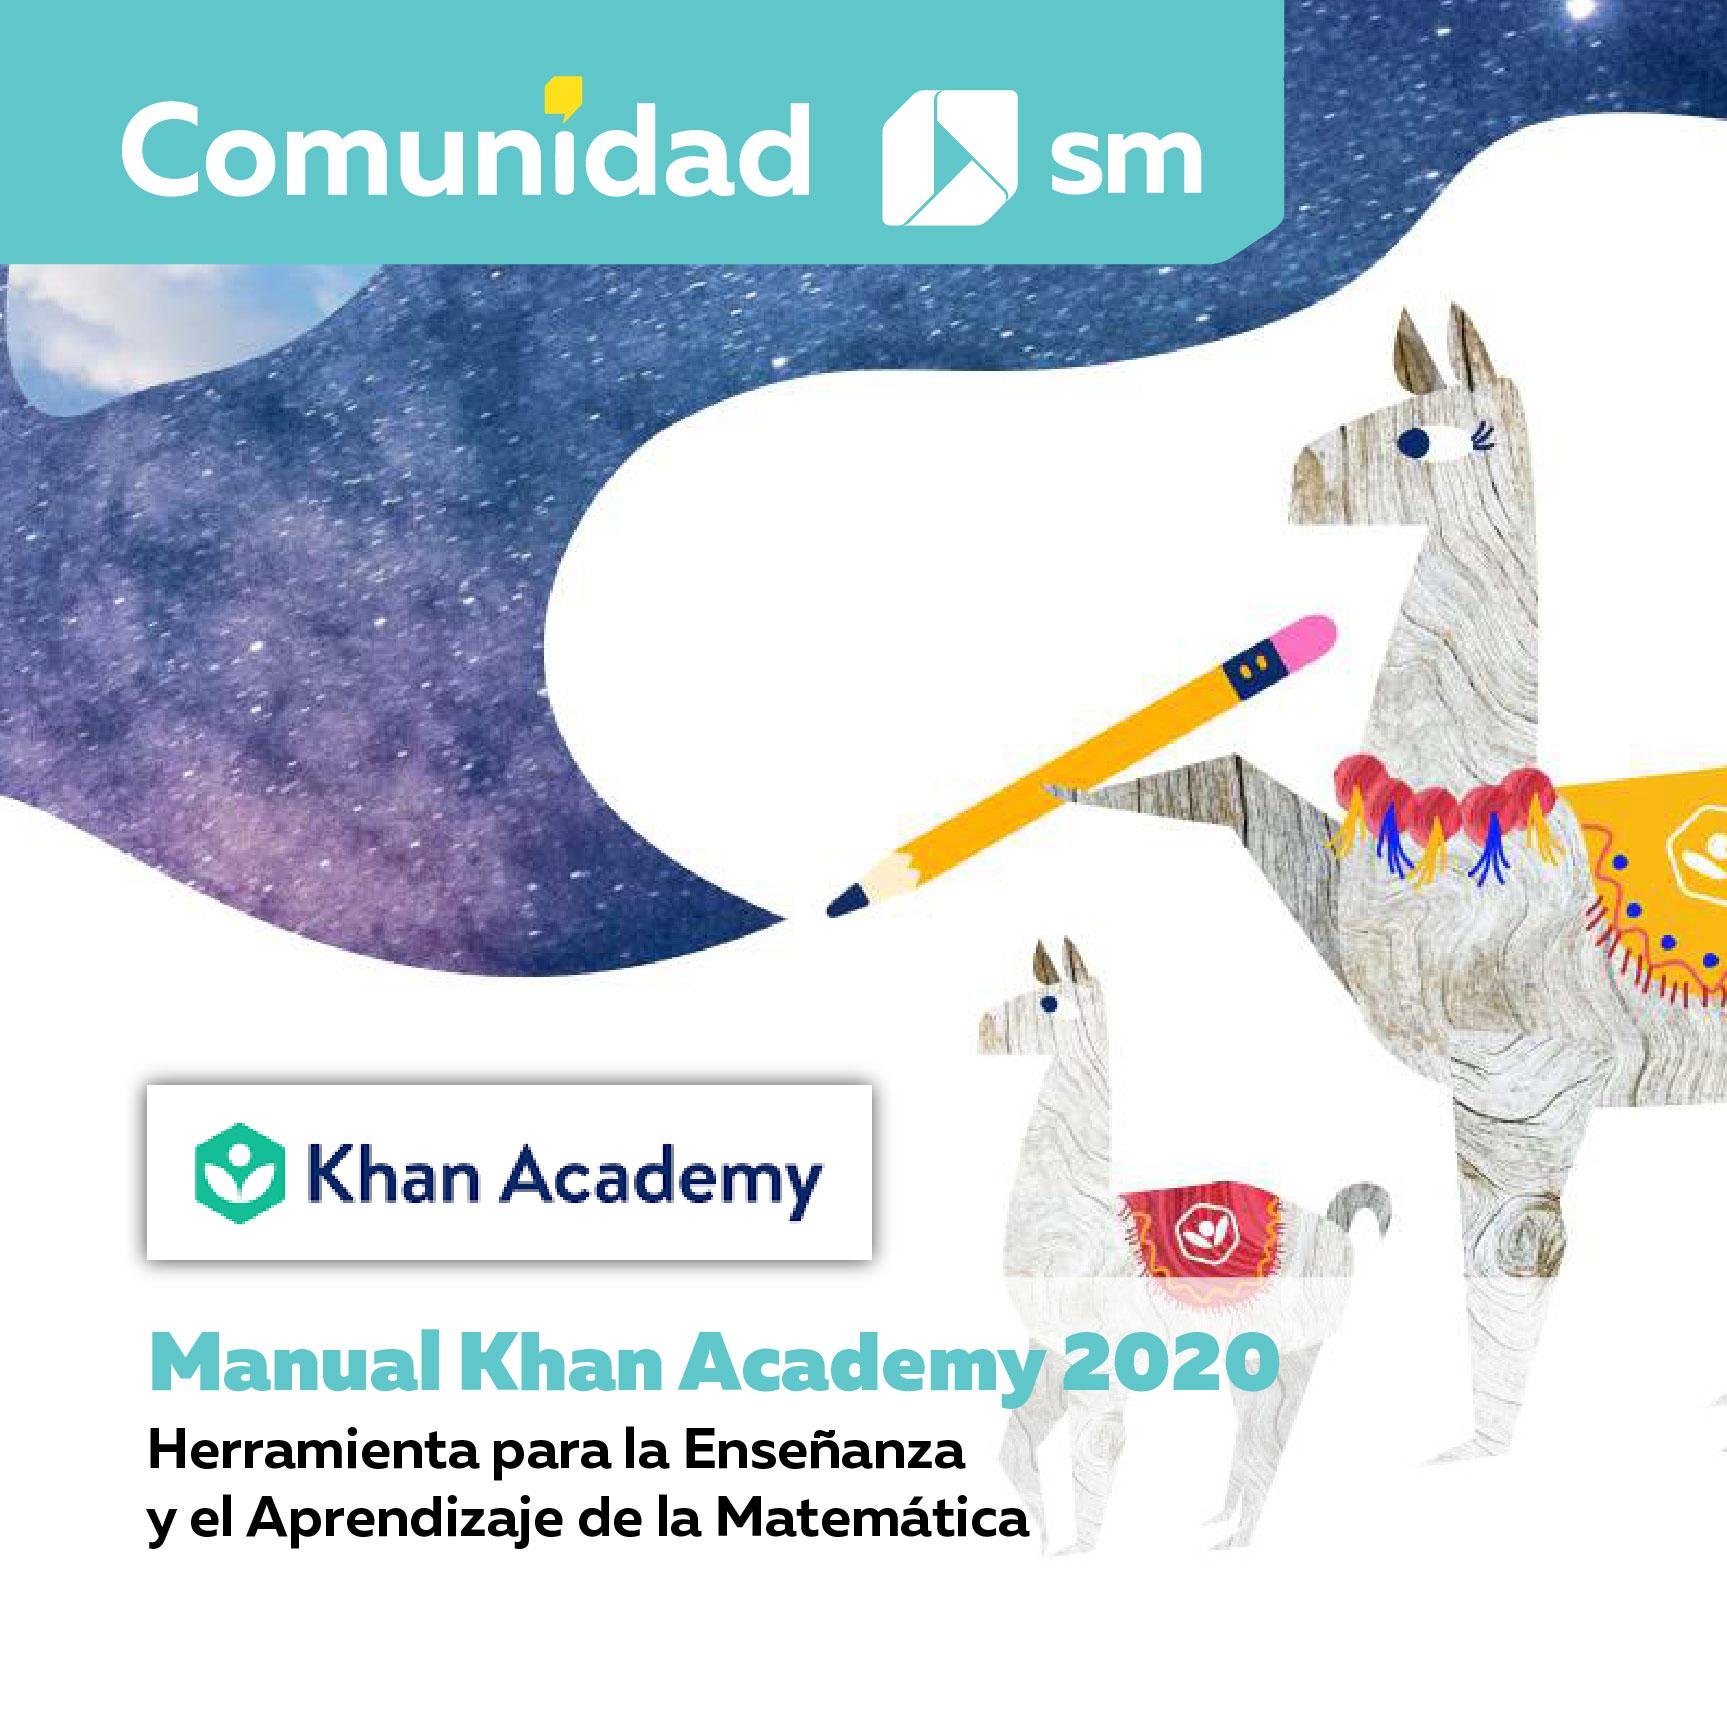 Manual Khan Academy 2020: Herramienta para la Enseñanza y el Aprendizaje de la Matemática